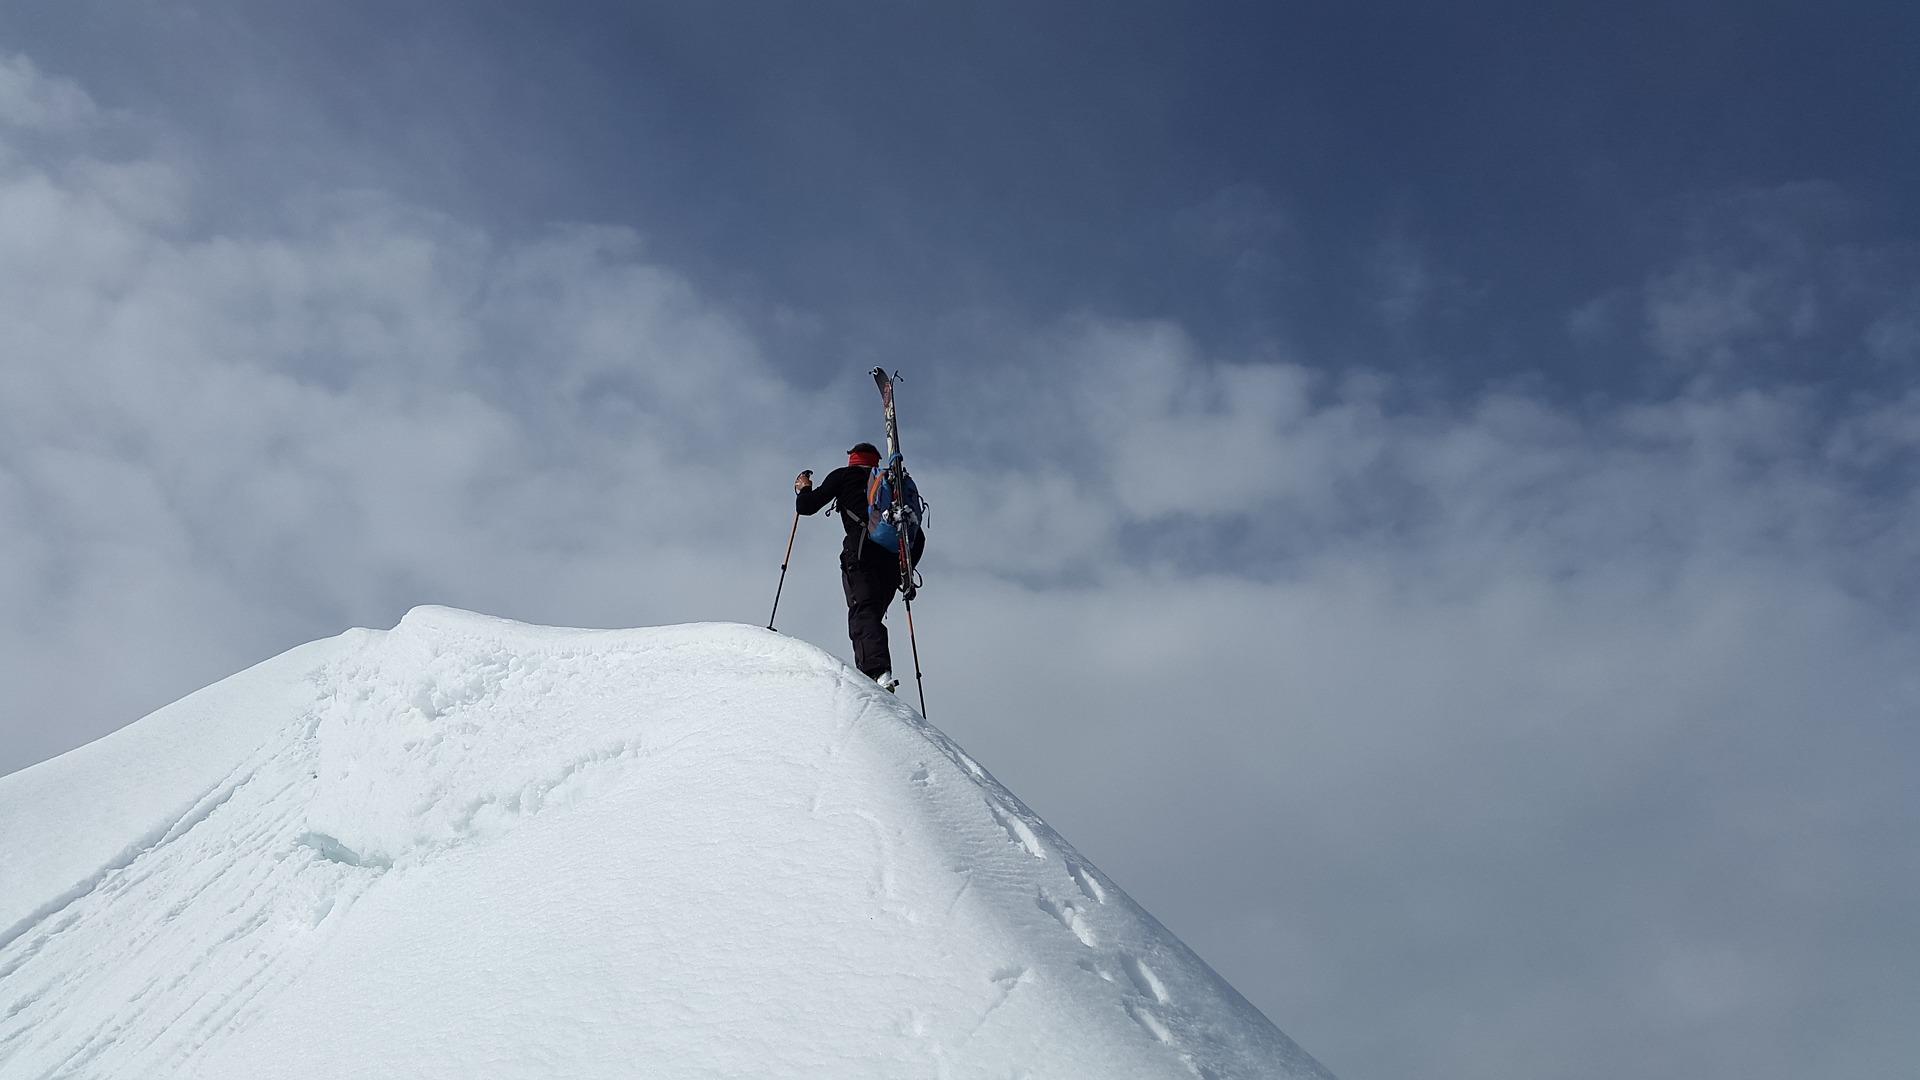 雪山を登っている人